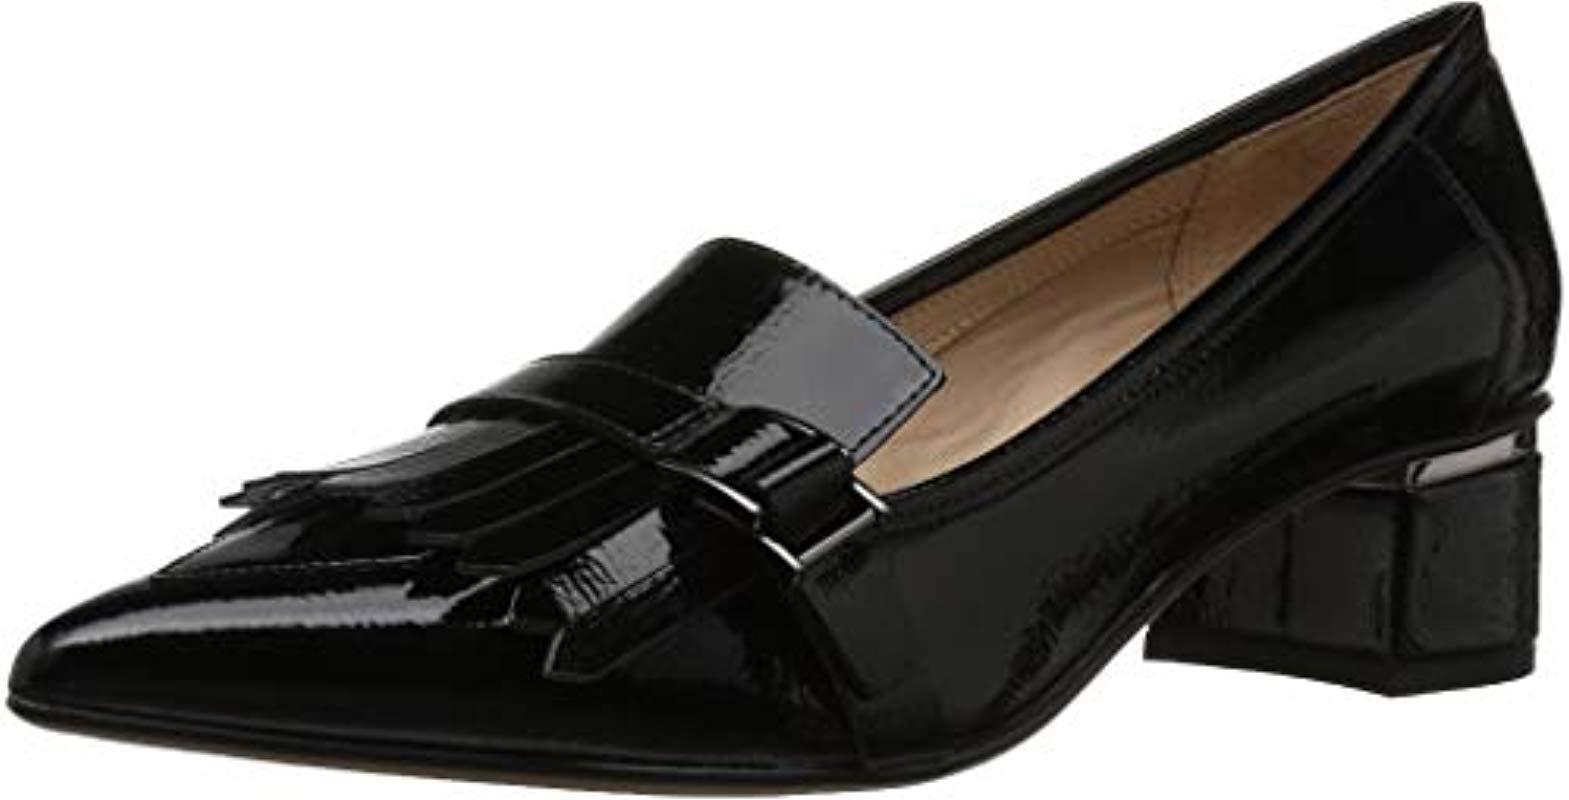 f48fbe04cc3b Lyst - Franco Sarto Grenoble Loafer in Black